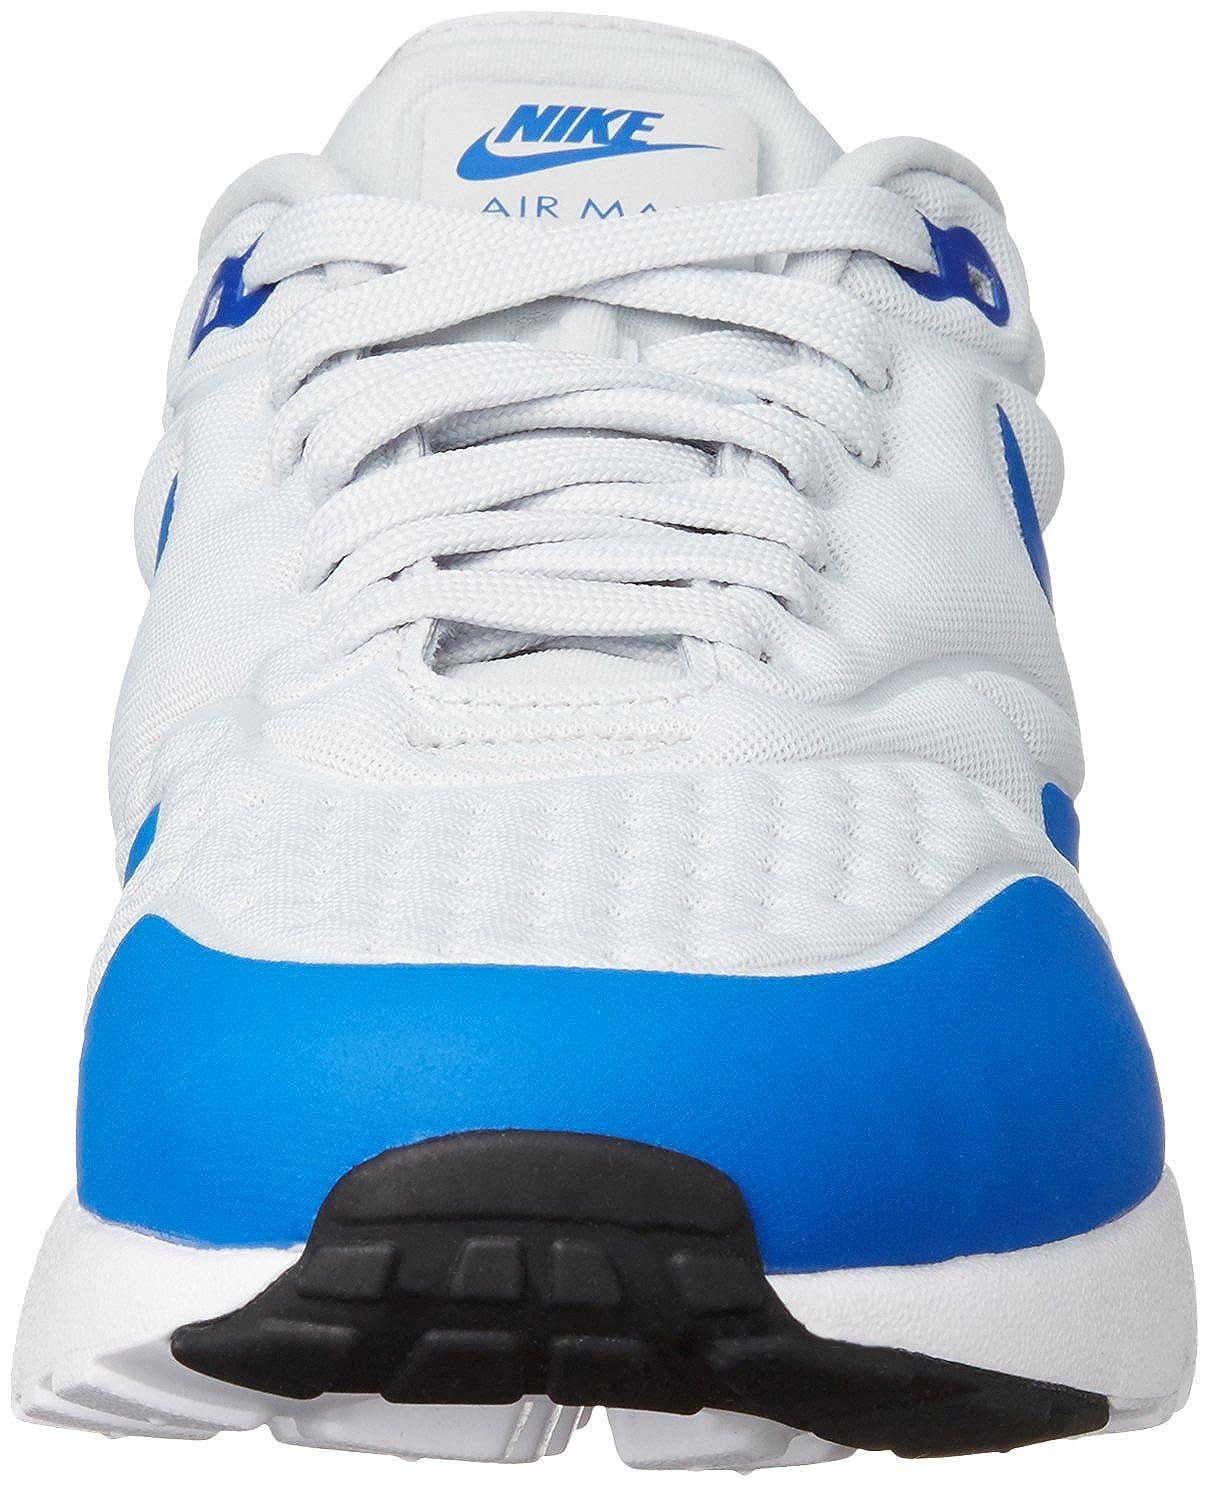 Ultra SeMen's Max Air 1 SneakersGraunatural Gray Nike Top Low 1cTlJFK